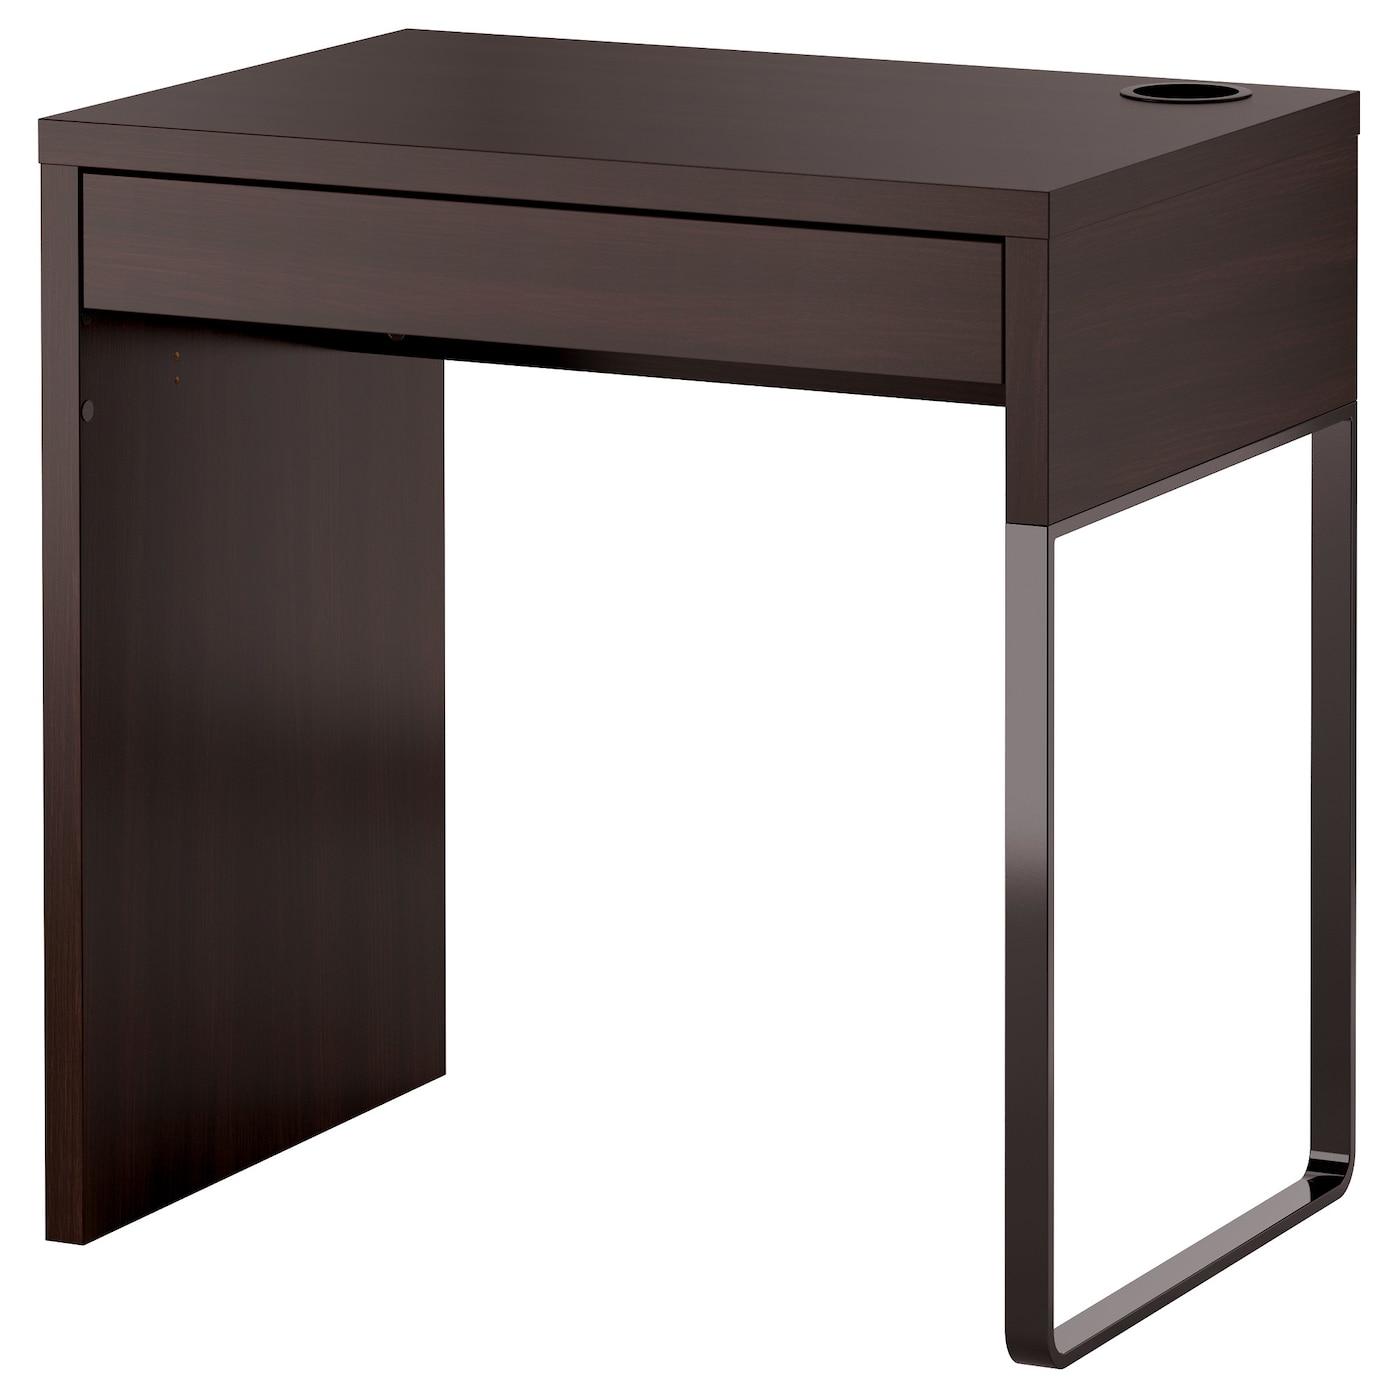 micke desk black brown 73 x 50 cm ikea. Black Bedroom Furniture Sets. Home Design Ideas